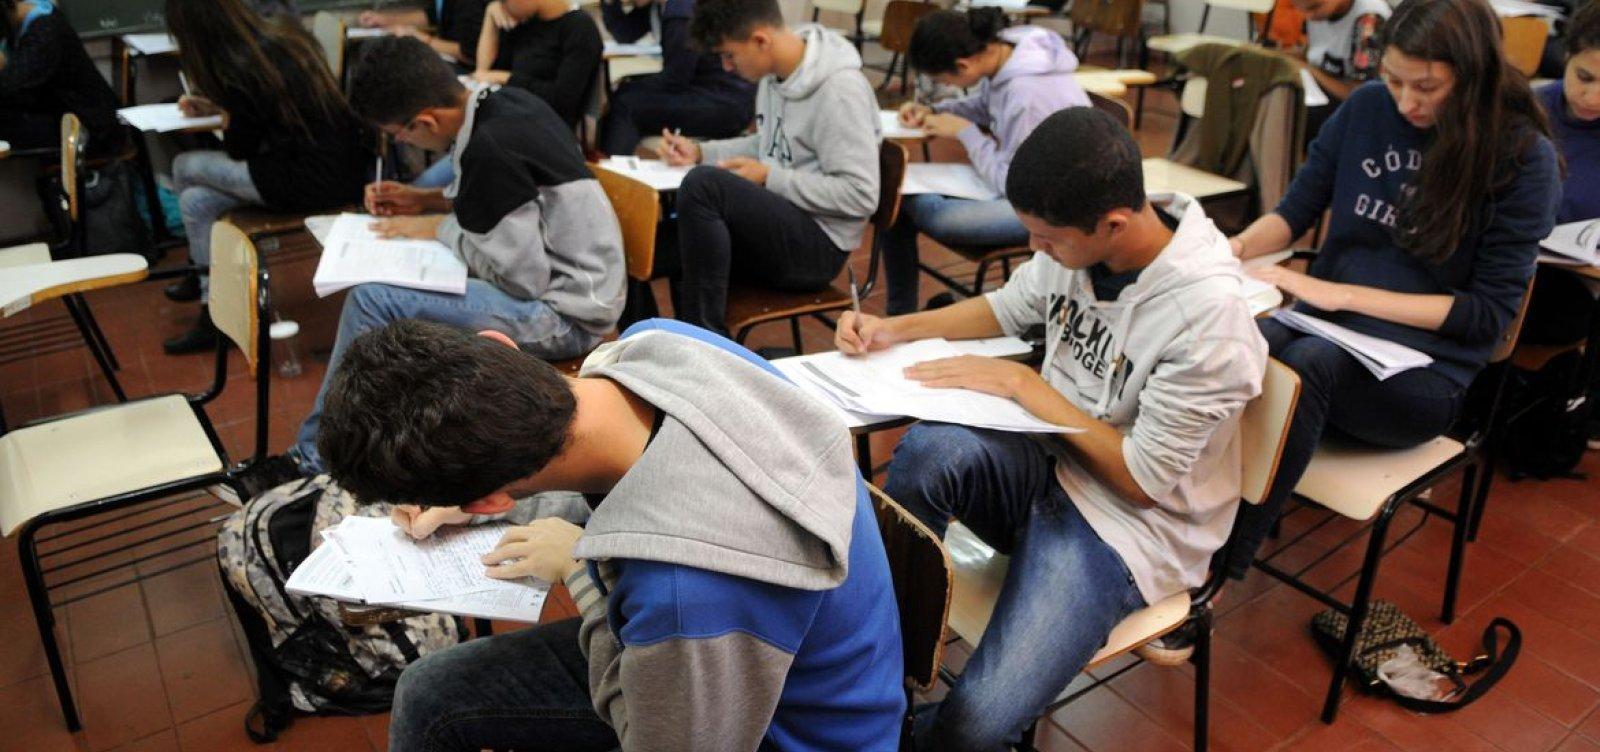 Documento mostra que organização do Enem determinou ocupação de 80% nos locais de prova